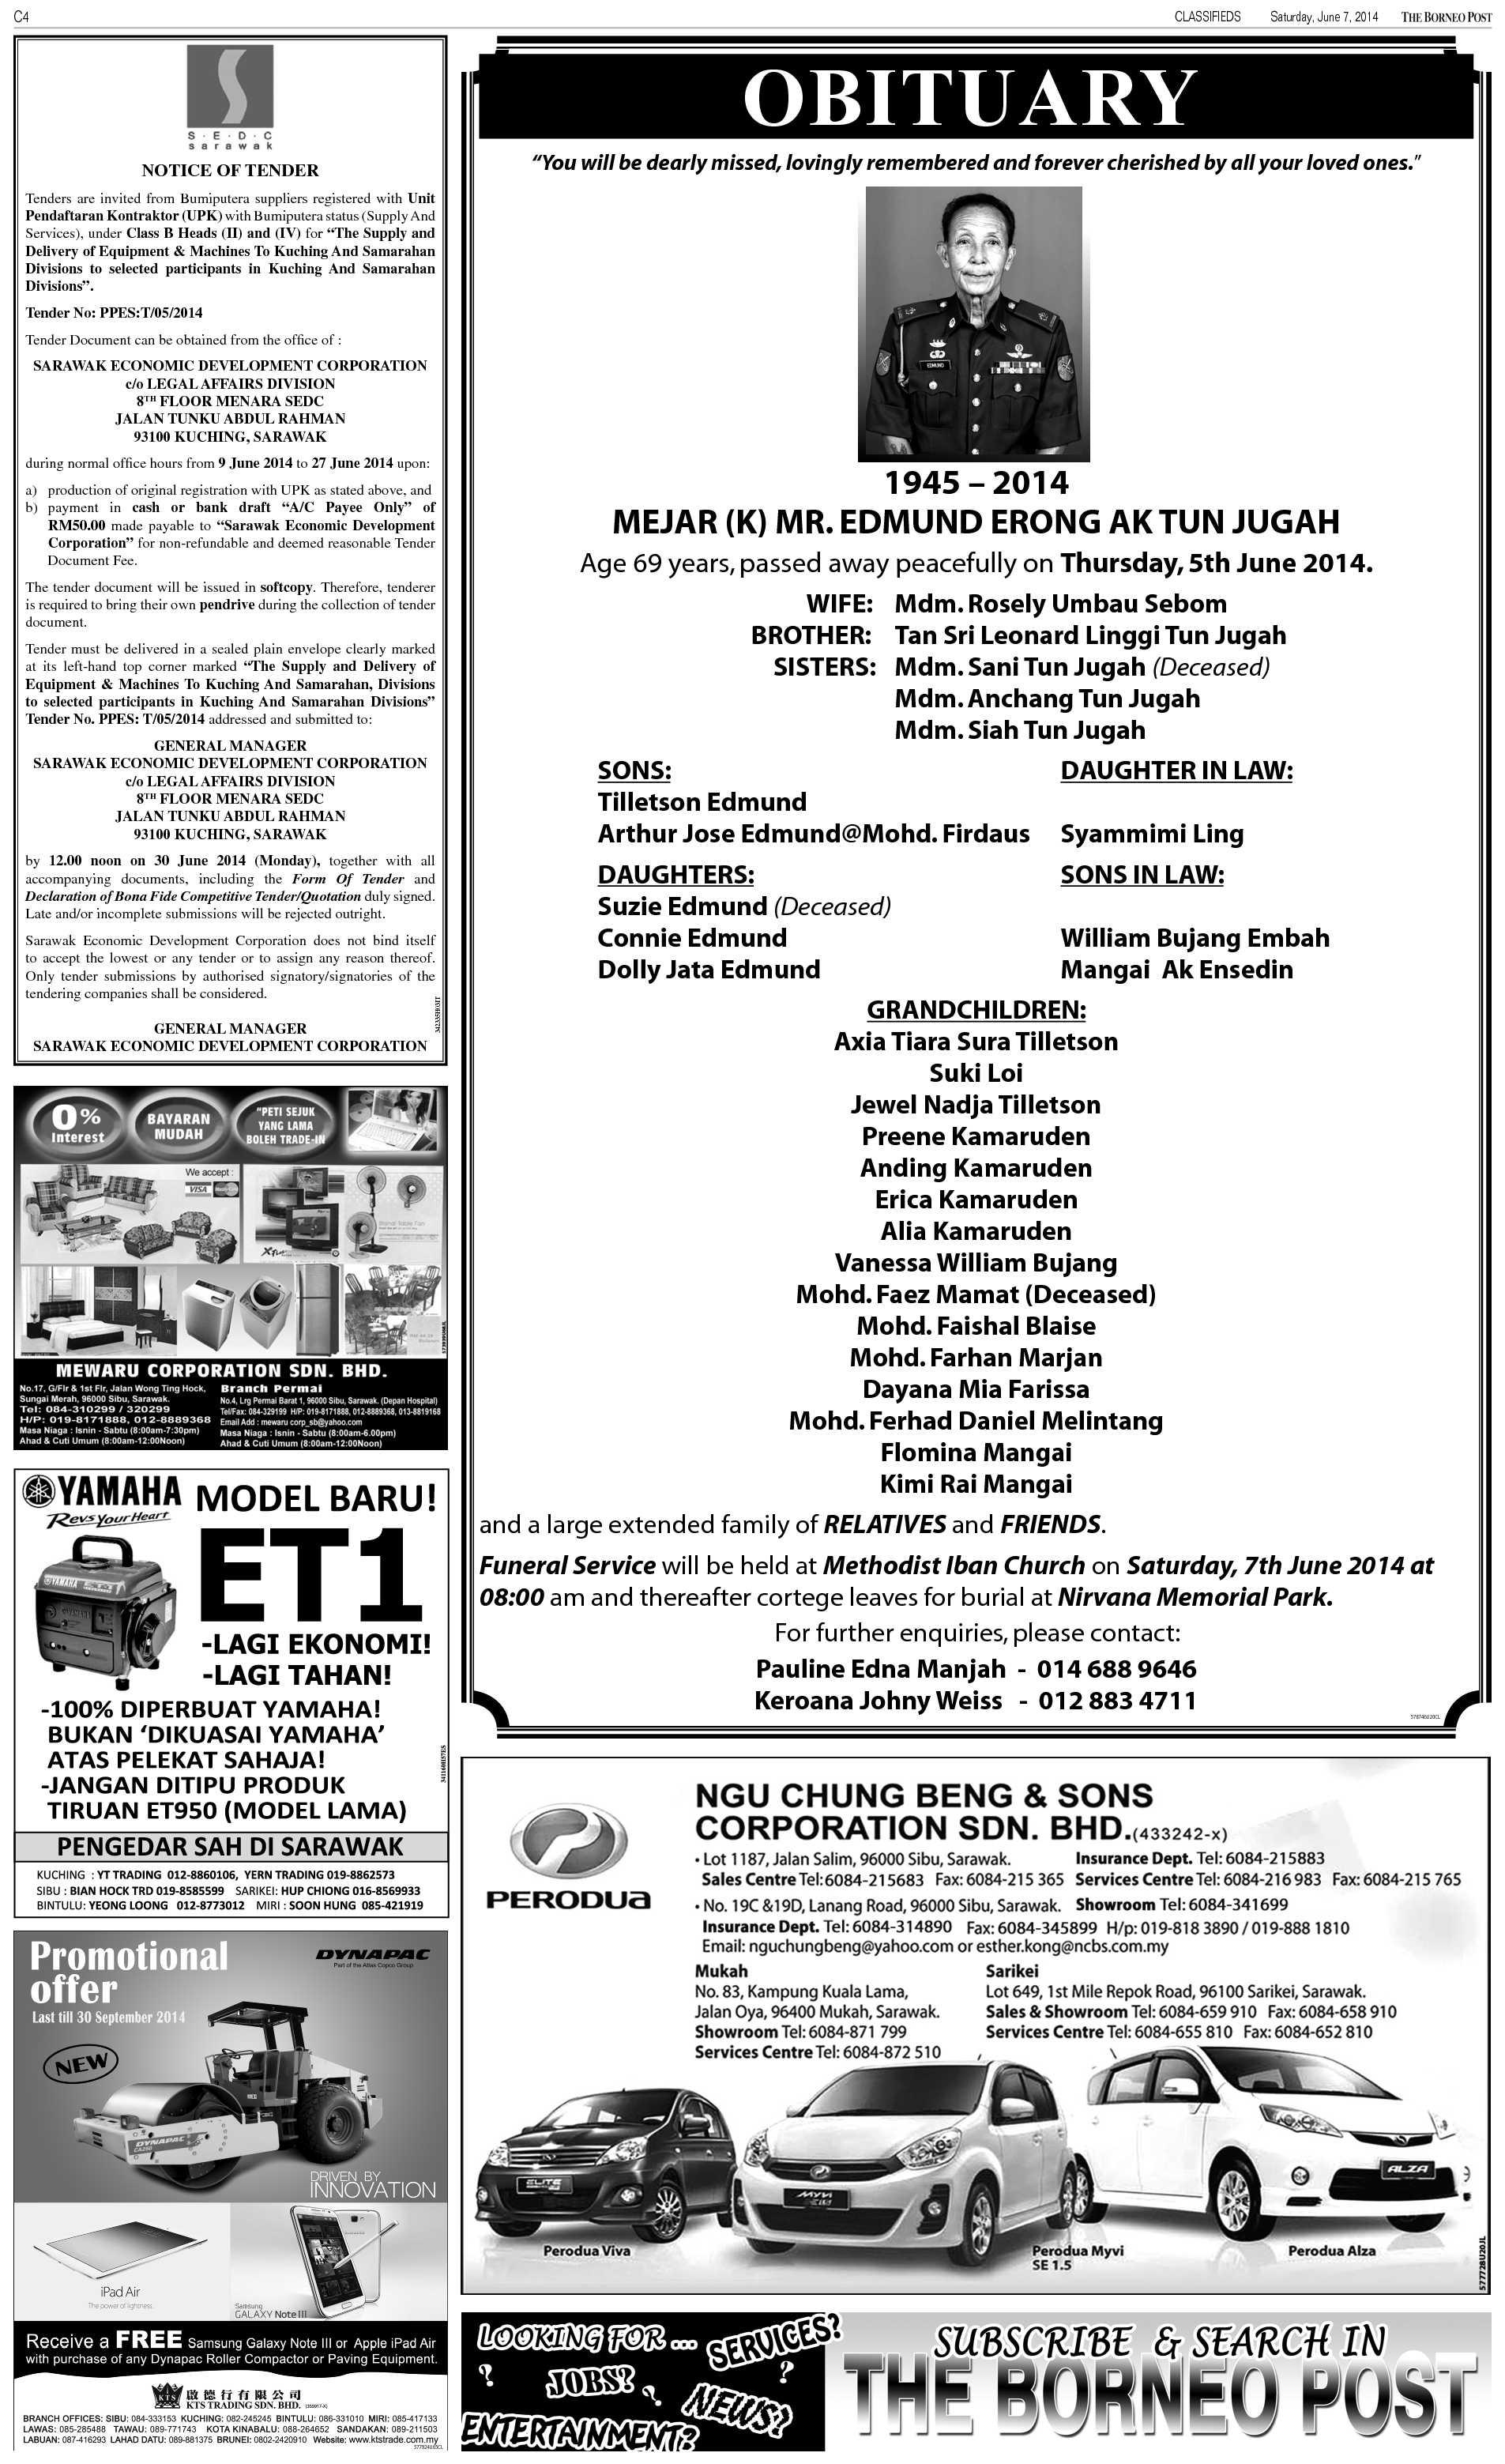 Saturday - Jun 7 | The Borneo Post Classifieds